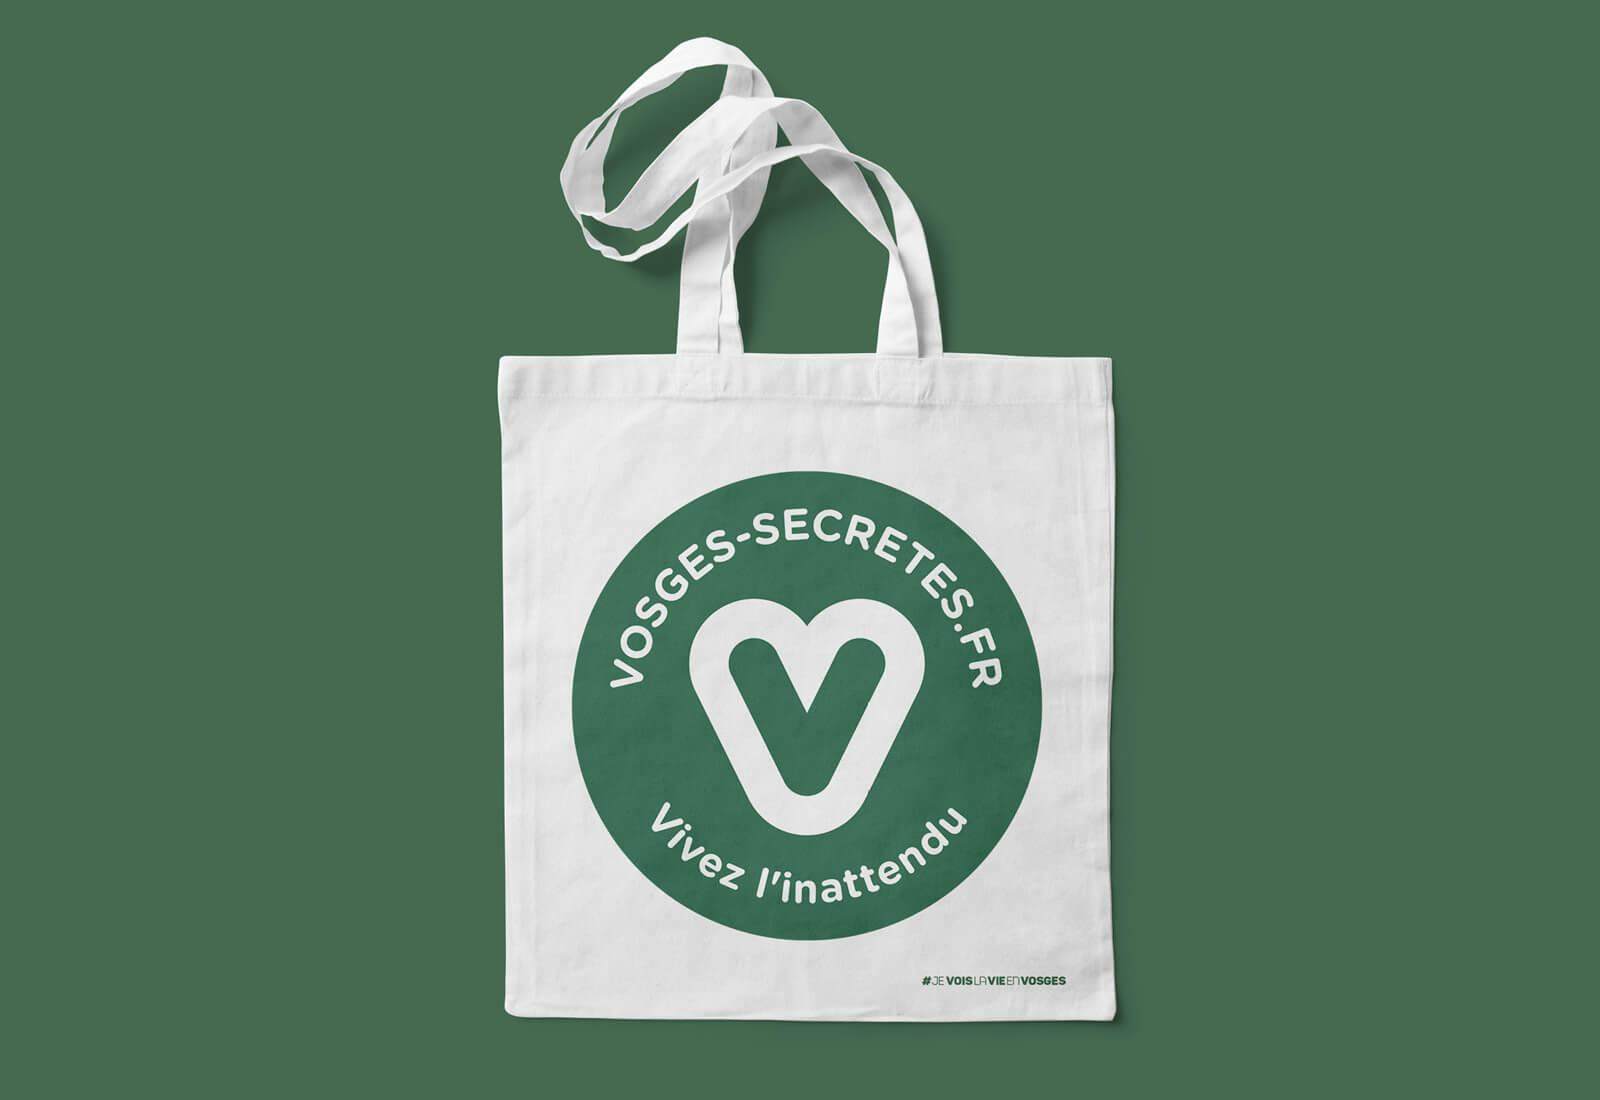 lezardscreation agence communication publicite vosges remiremont vosges secretes vosges secretes totebag